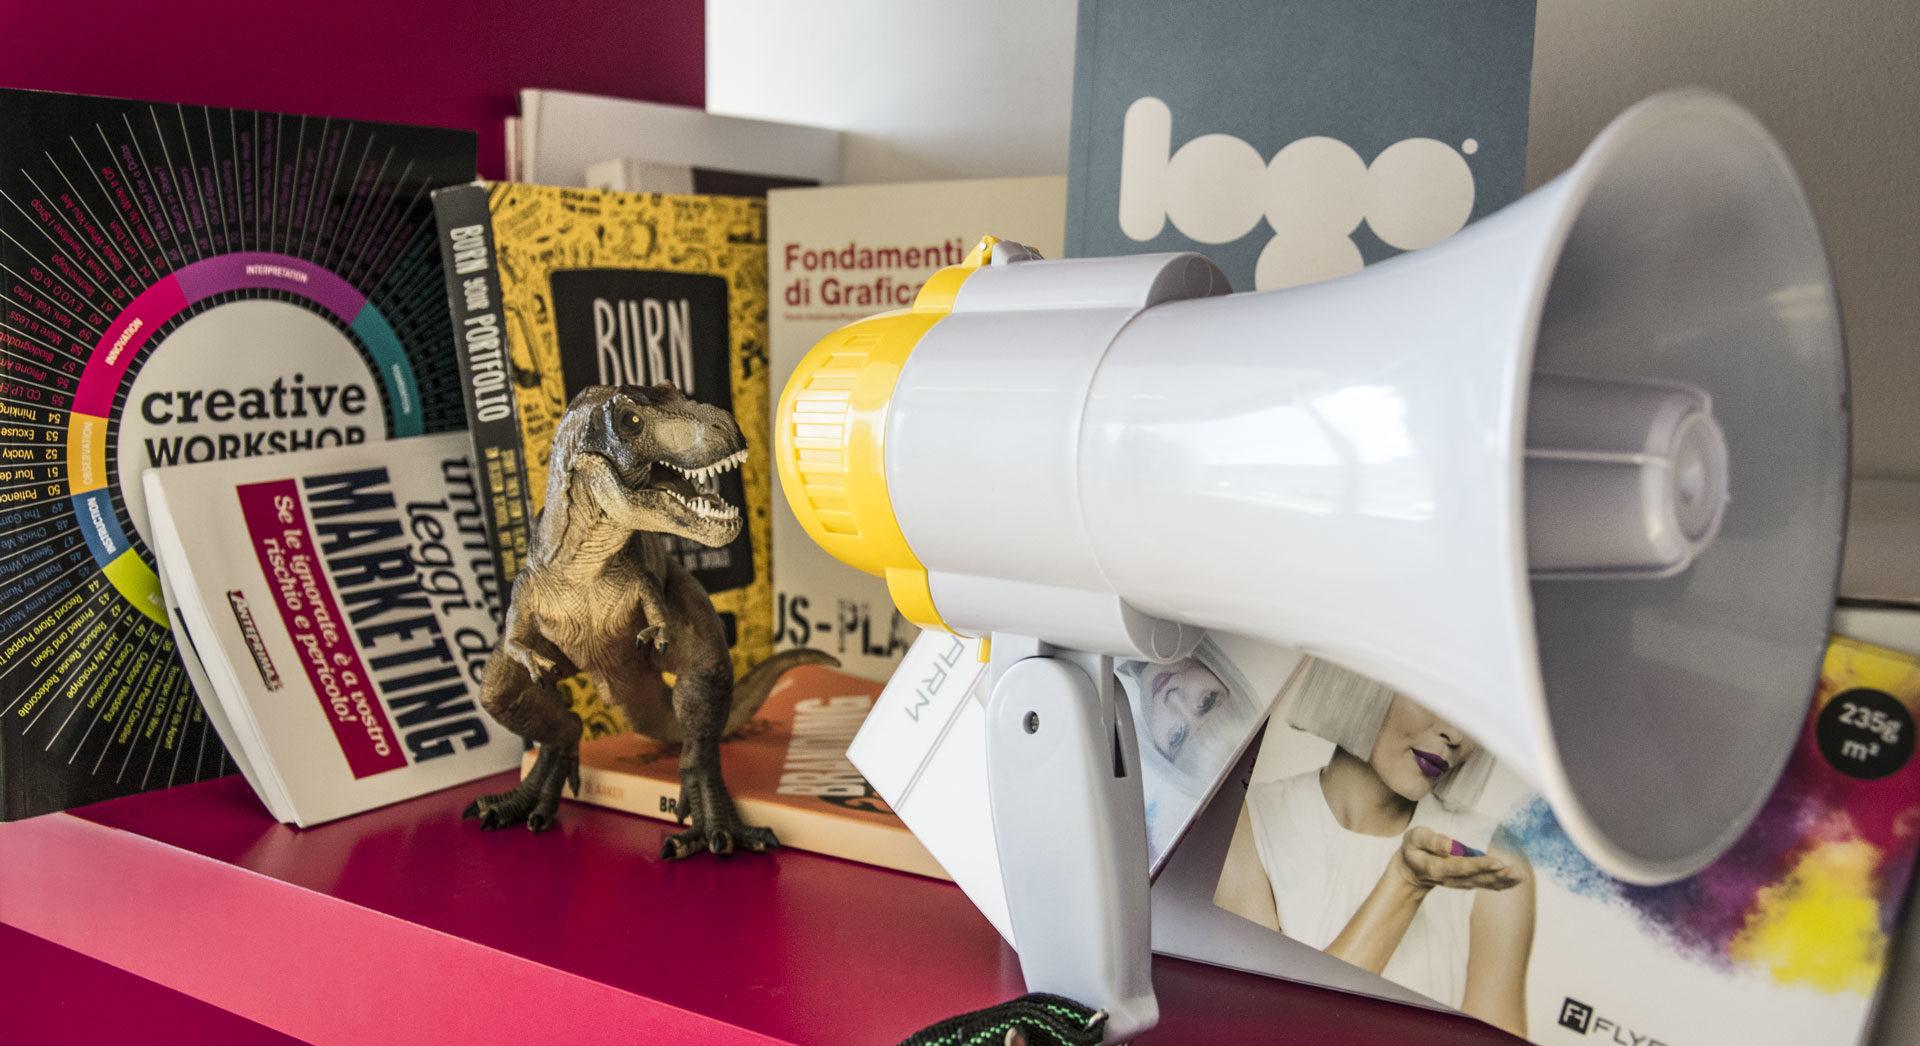 librerie design arredamento